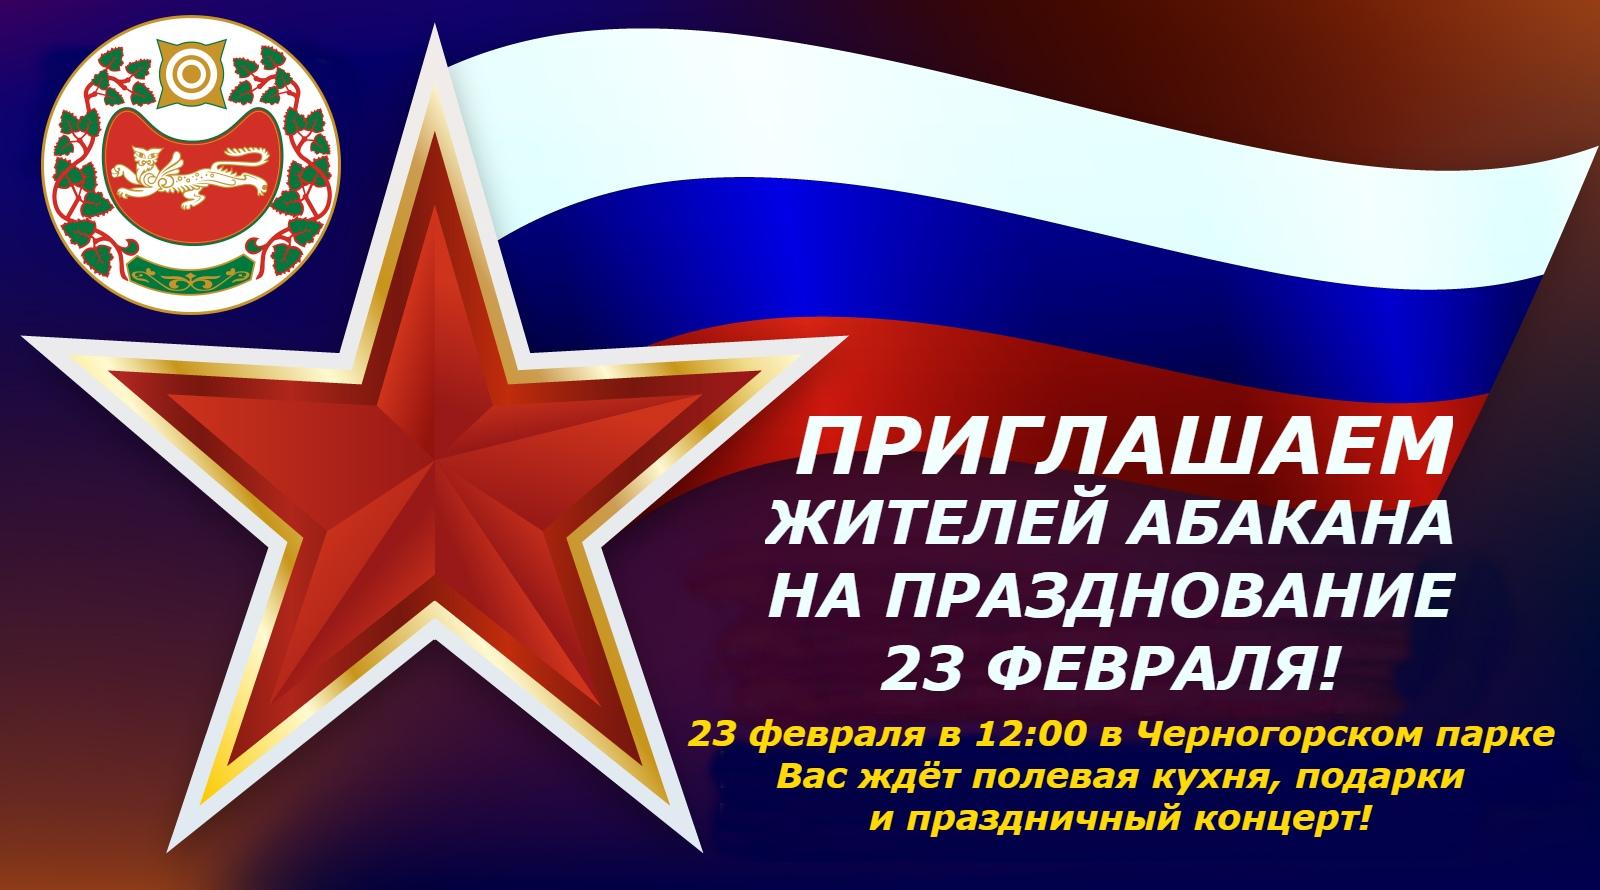 Уважаемые жители и гости Абакана, приглашаем вас на общегородской праздник, посвящённый Дню защитника Отечества!